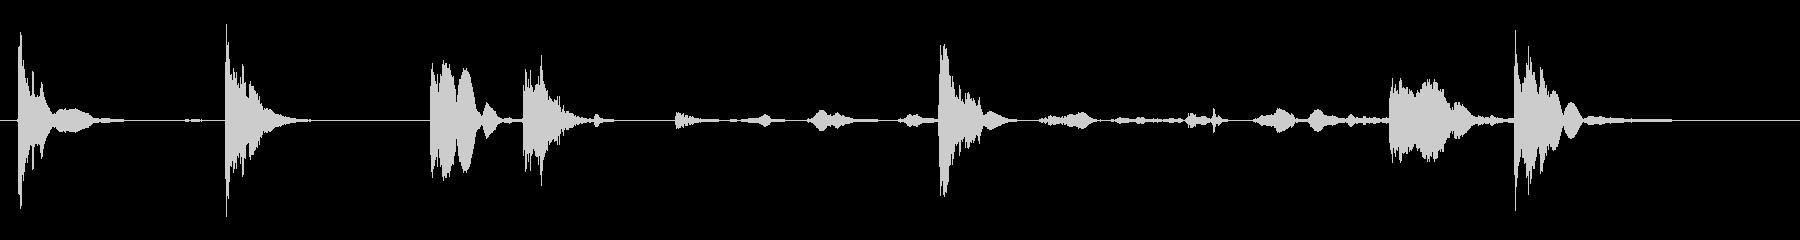 空の55ガロンドラム:叩いて、古い...の未再生の波形